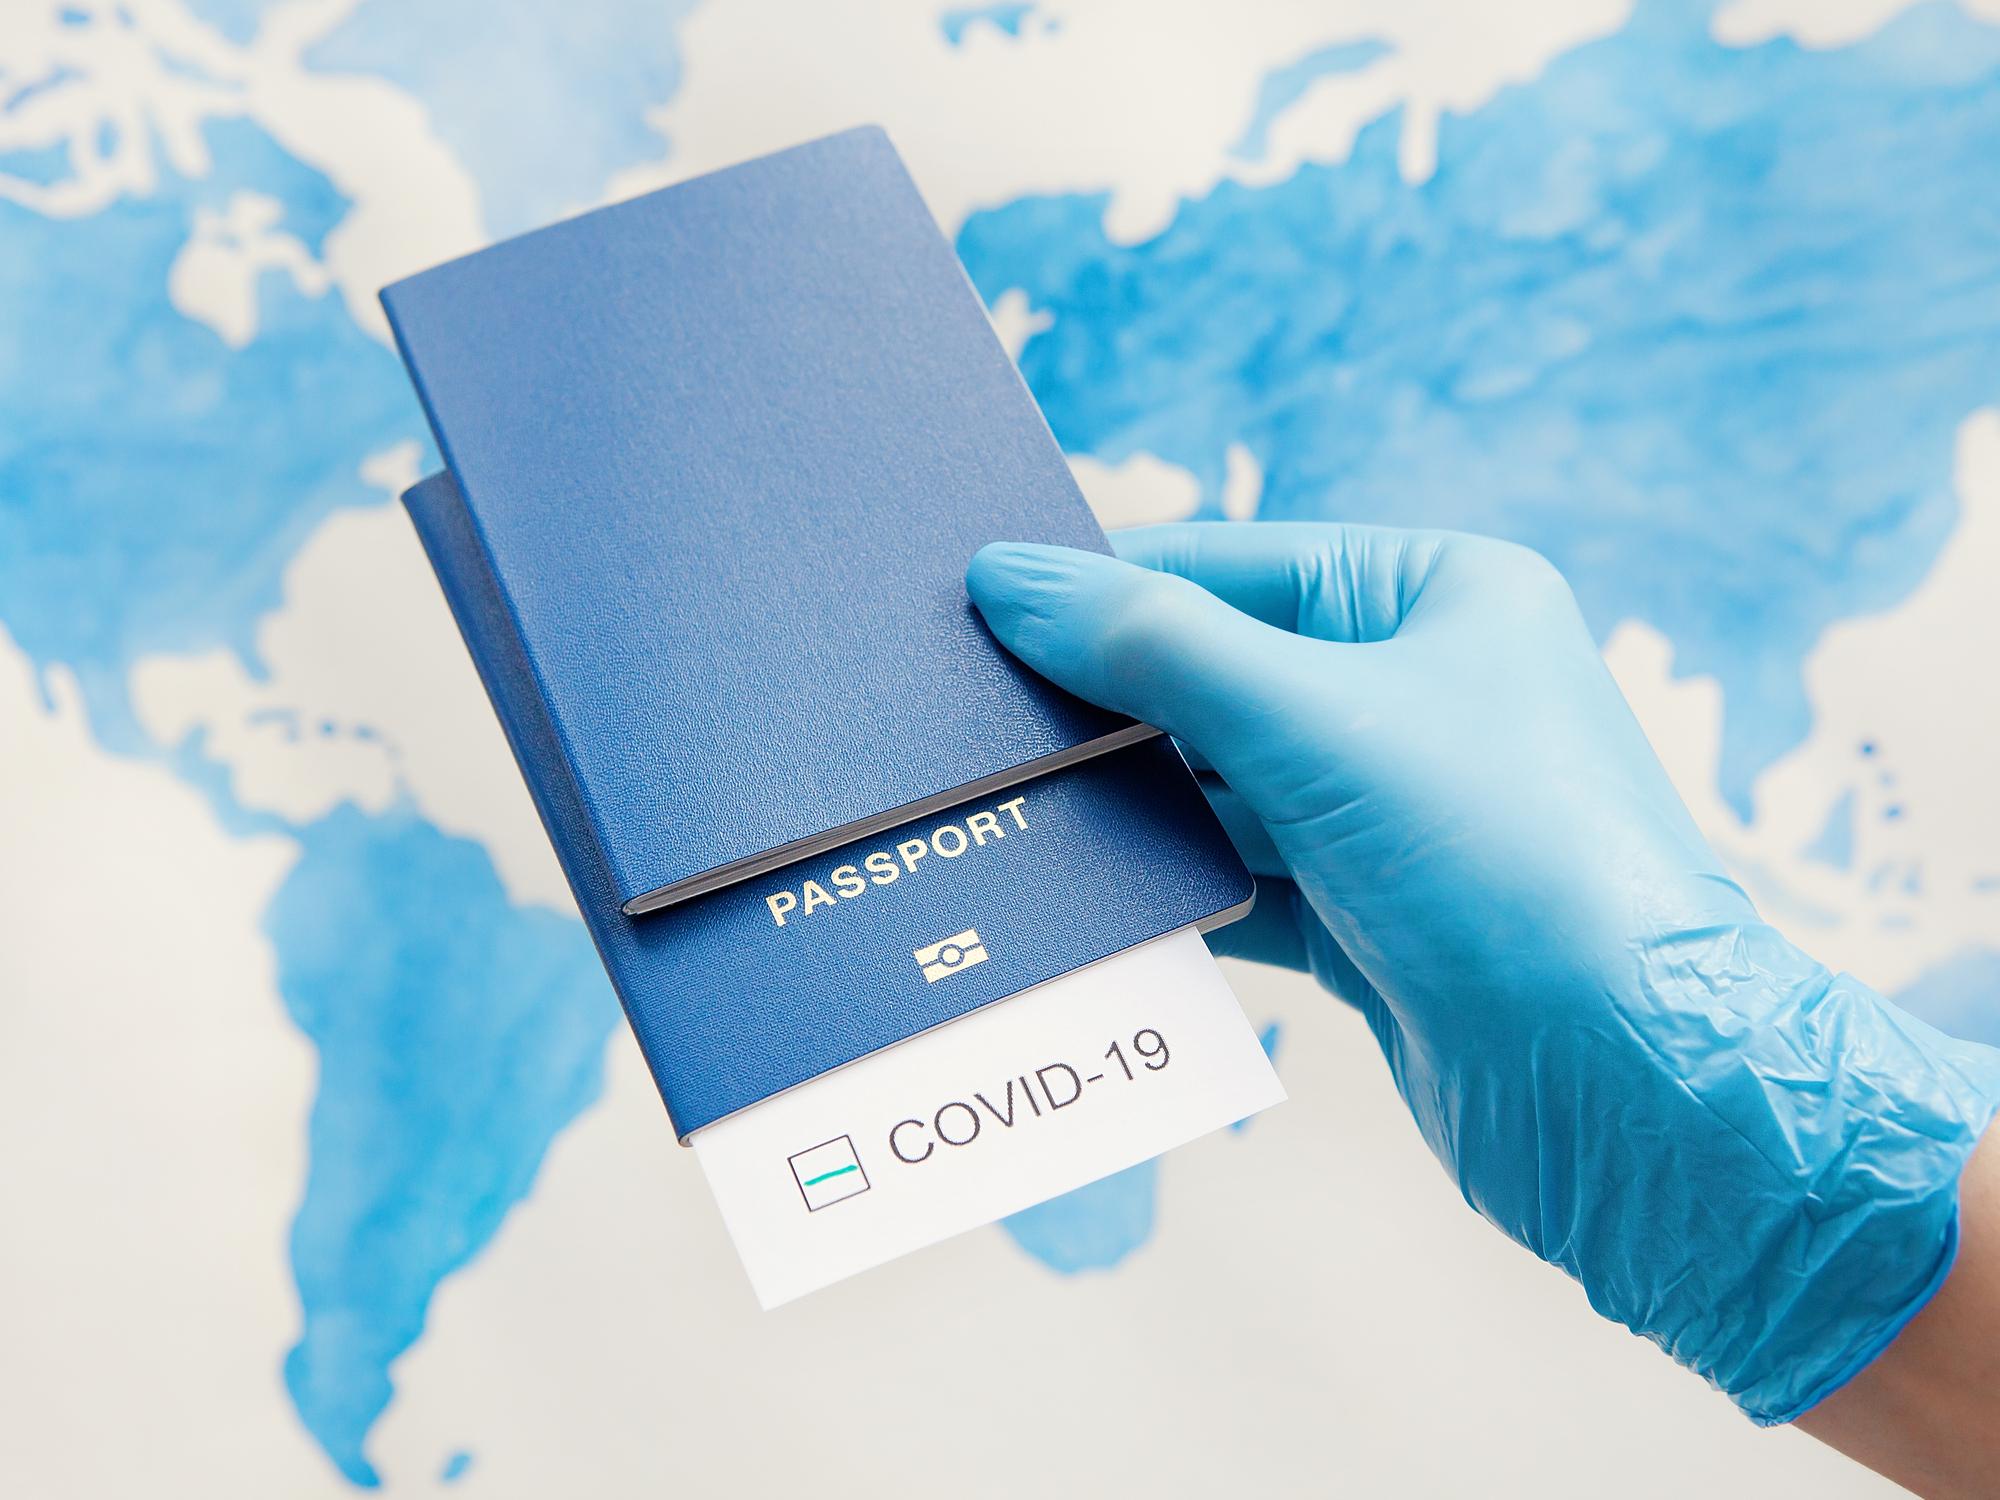 Πιστοποιητικό κορωνοϊός Ευρώπη: Πιστοποιητικό κορωνοϊού μέχρι ενός έτους για ταξίδια στην Ε.Ε.